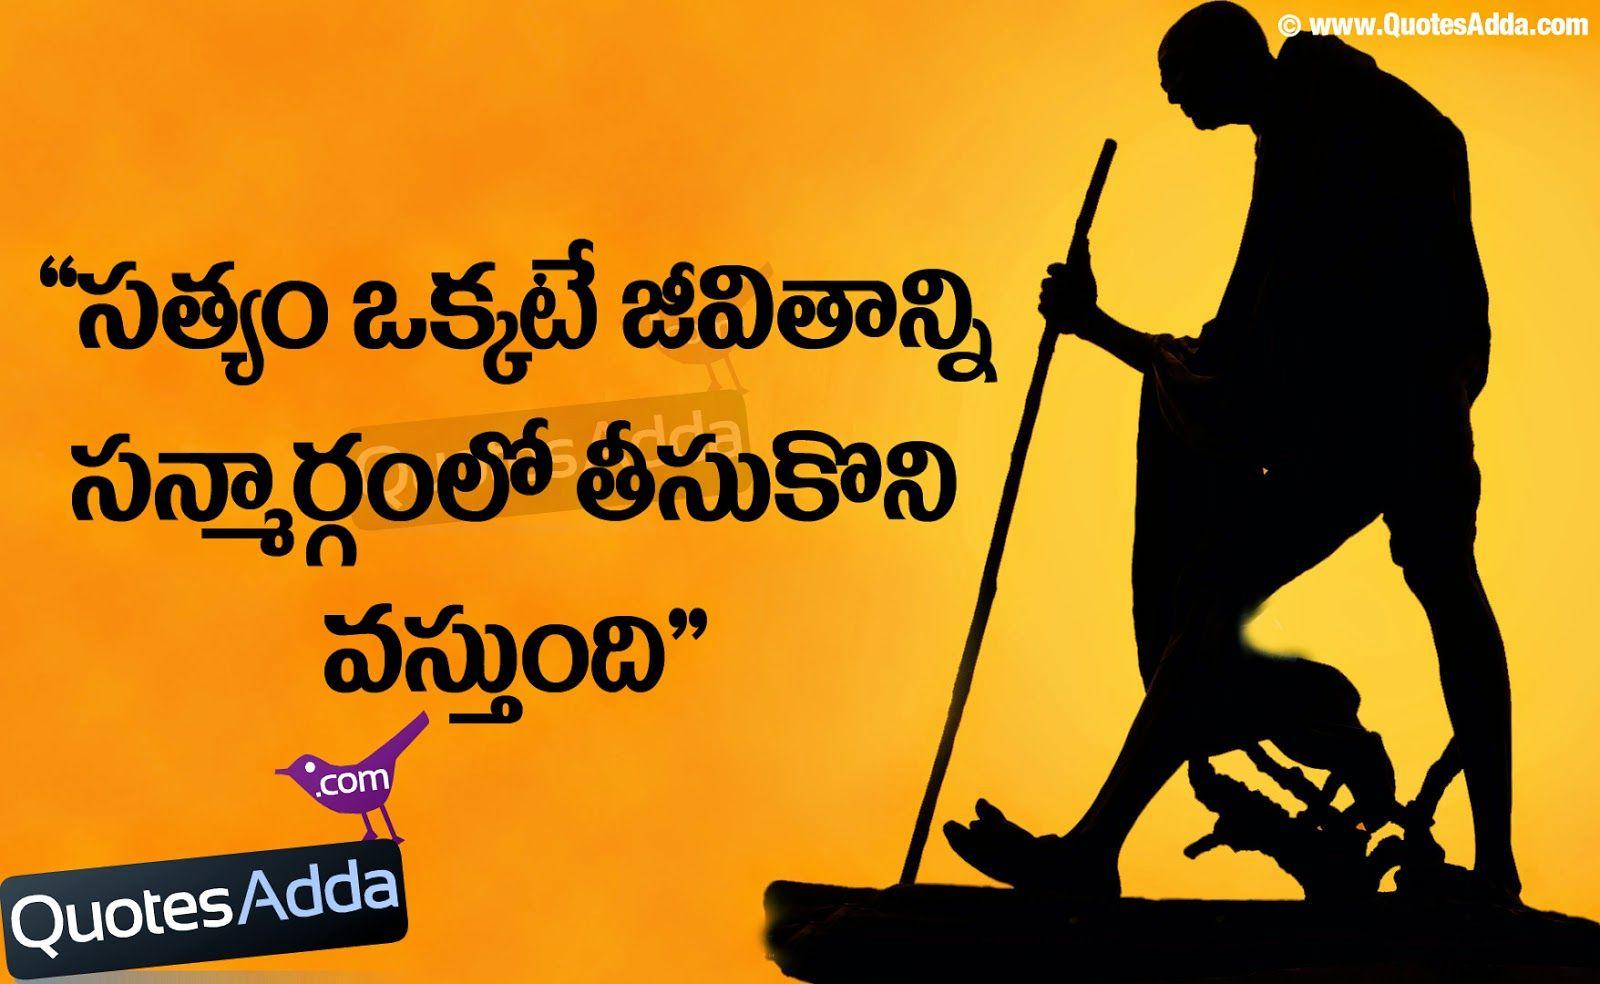 Mahatma Gandhi Telugu Nice Thoughts Quotesaddacom Telugu Quotes